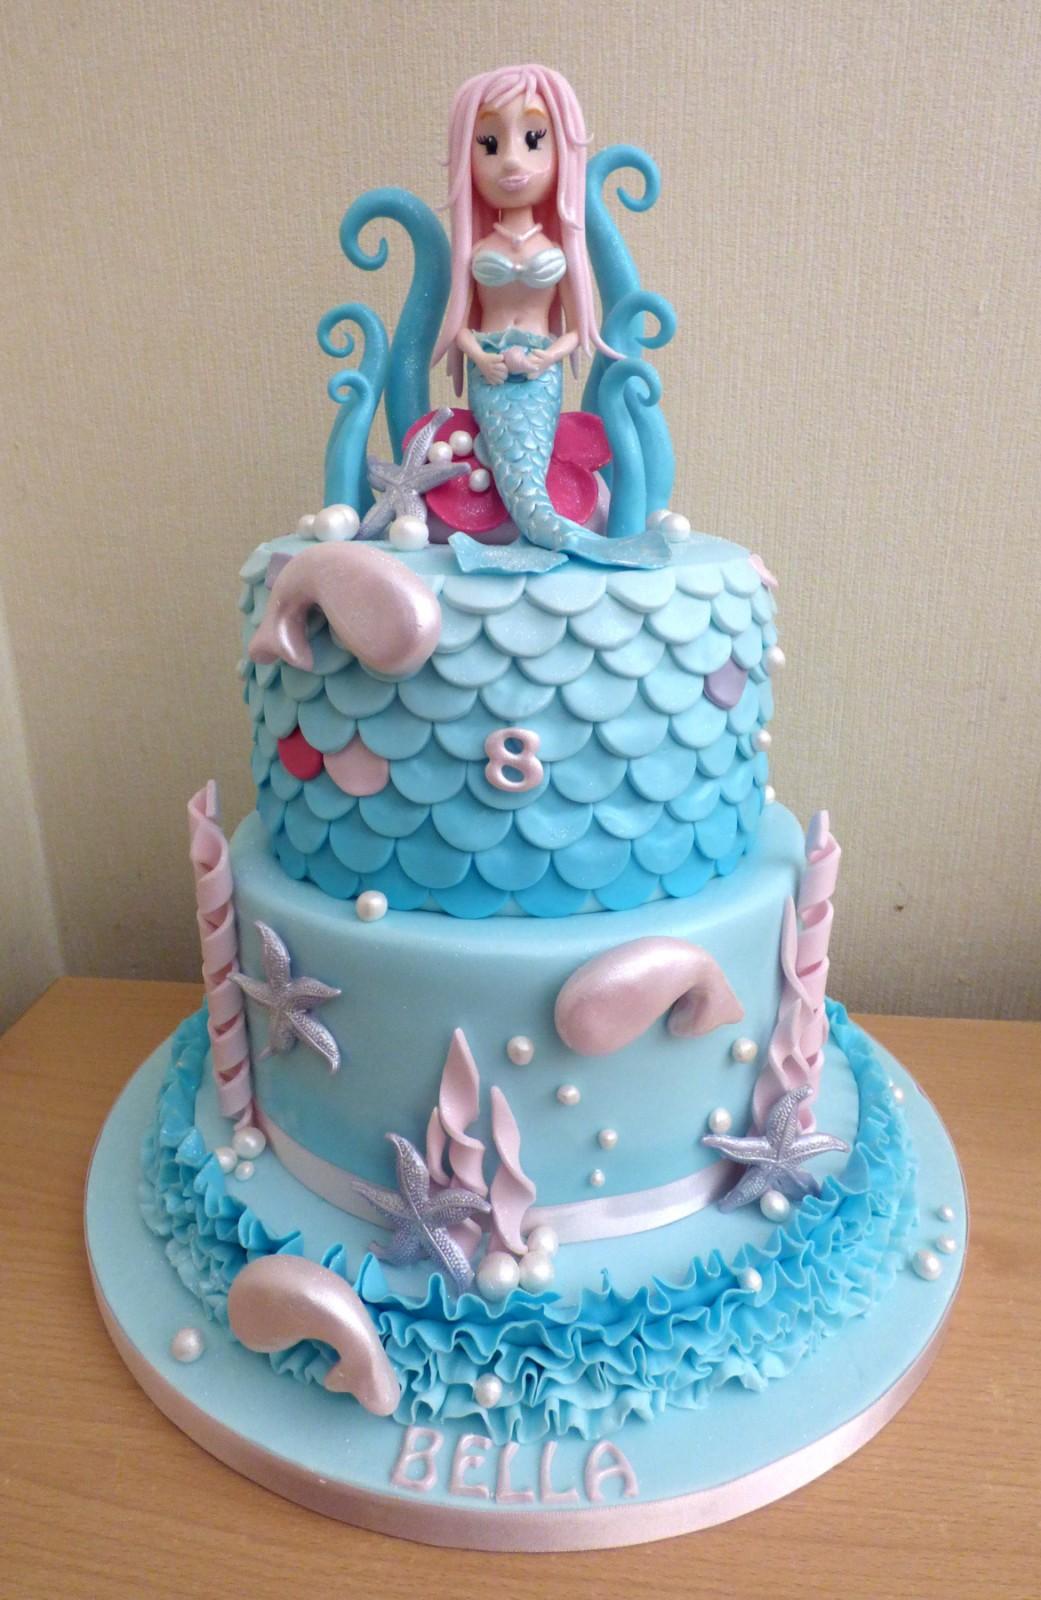 2 Tier Sparkling Mermaid Birthday Cake Susie S Cakes